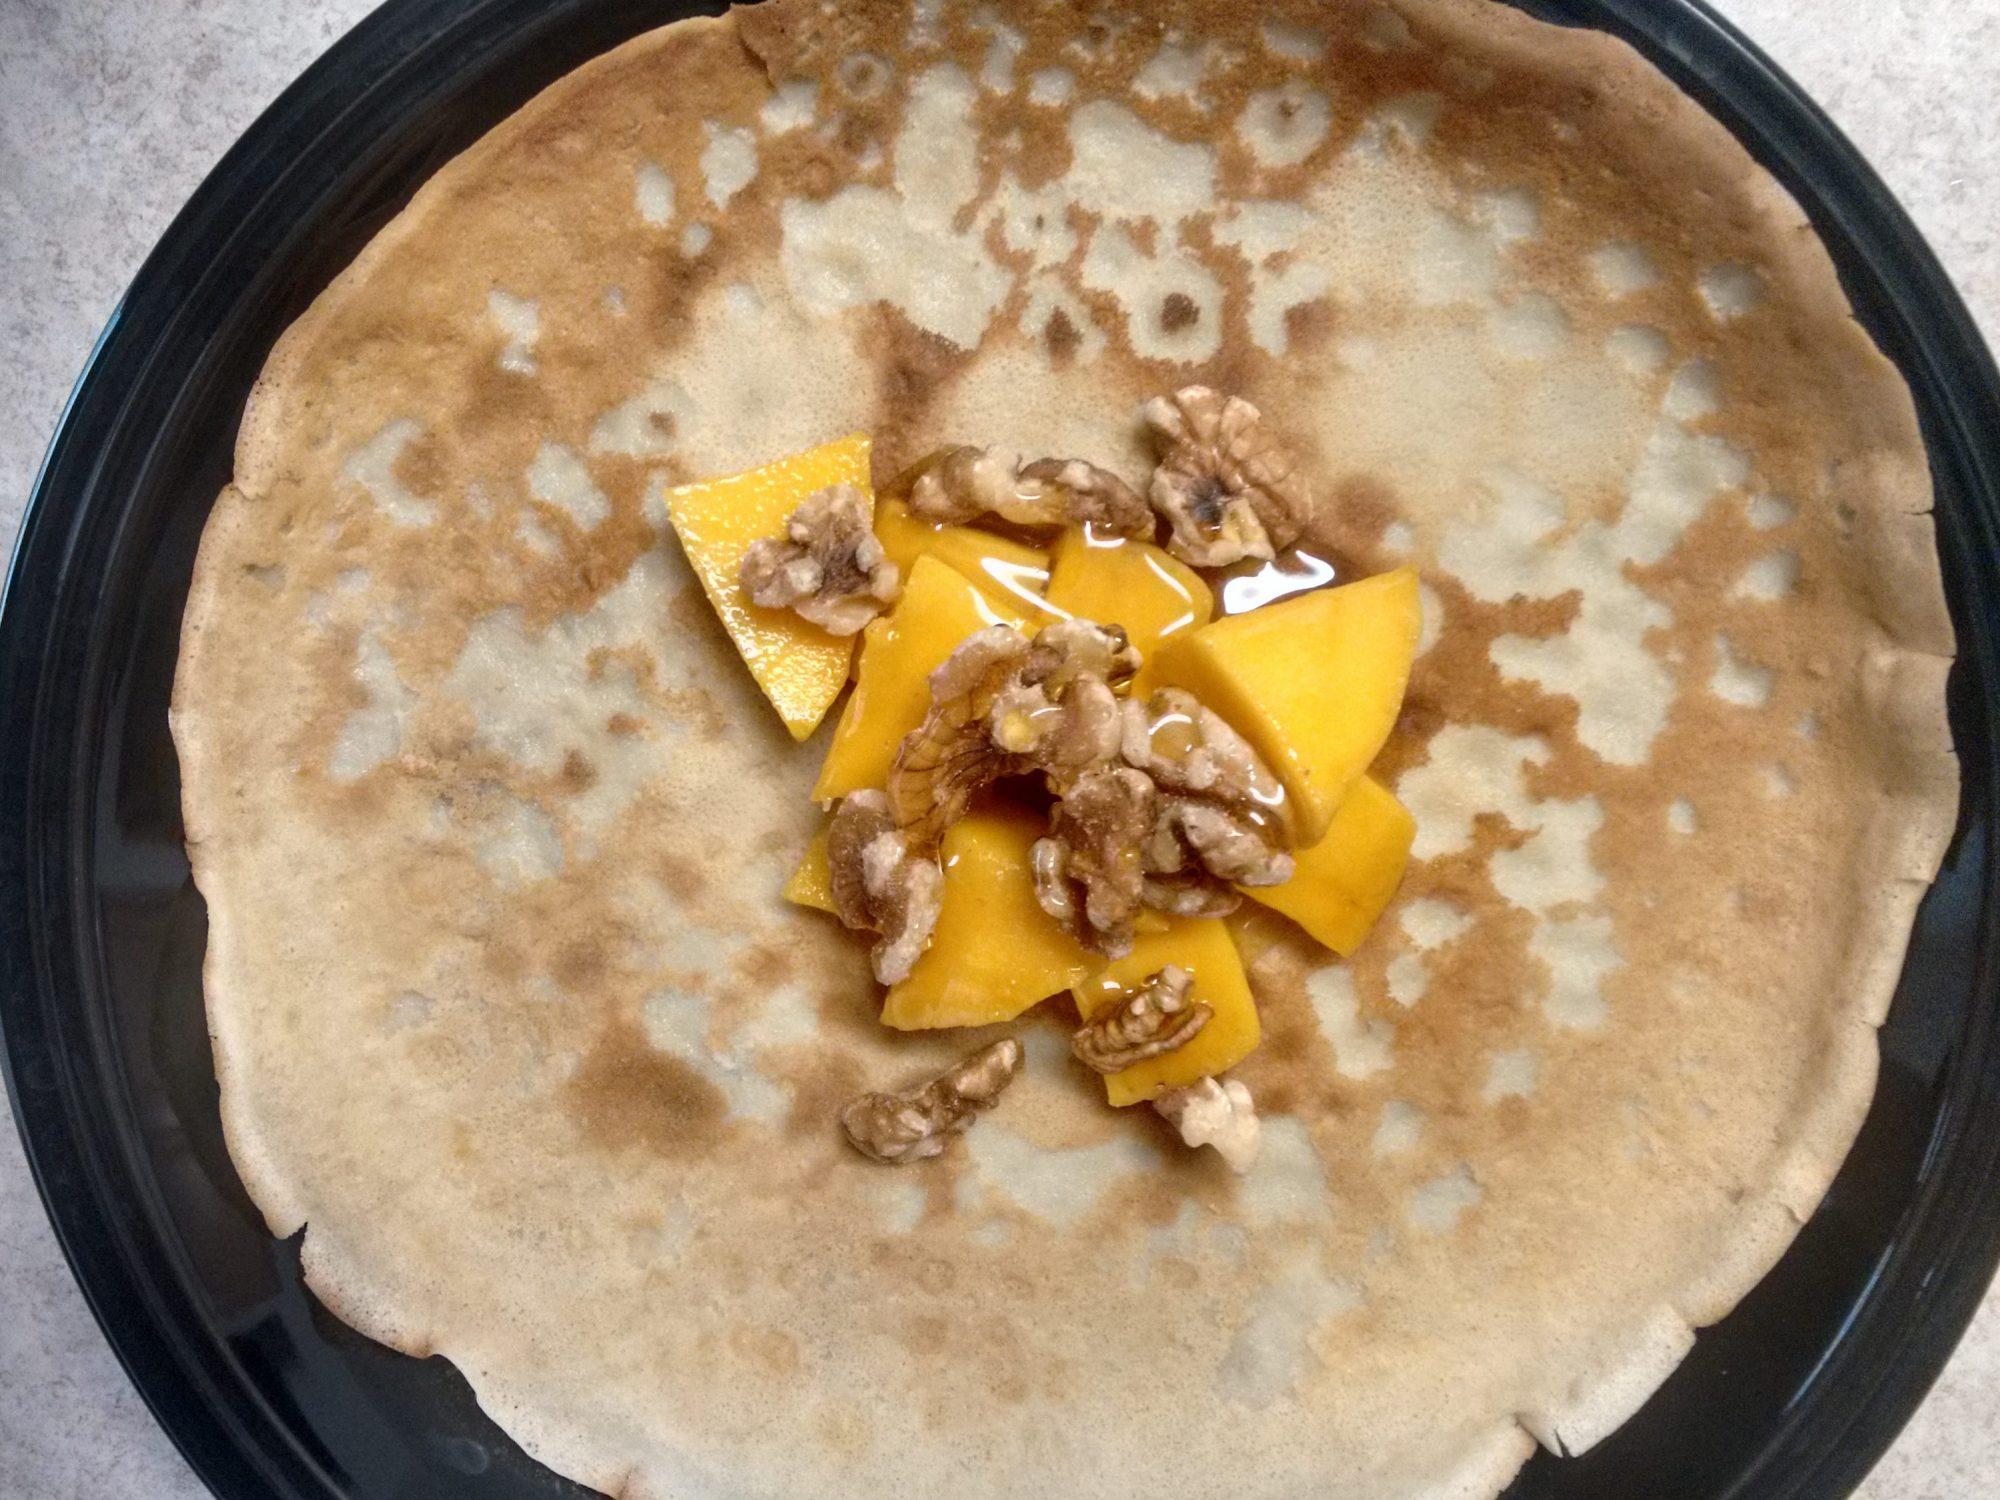 Блин с манго, мёдом и орехами. Фото автора текста